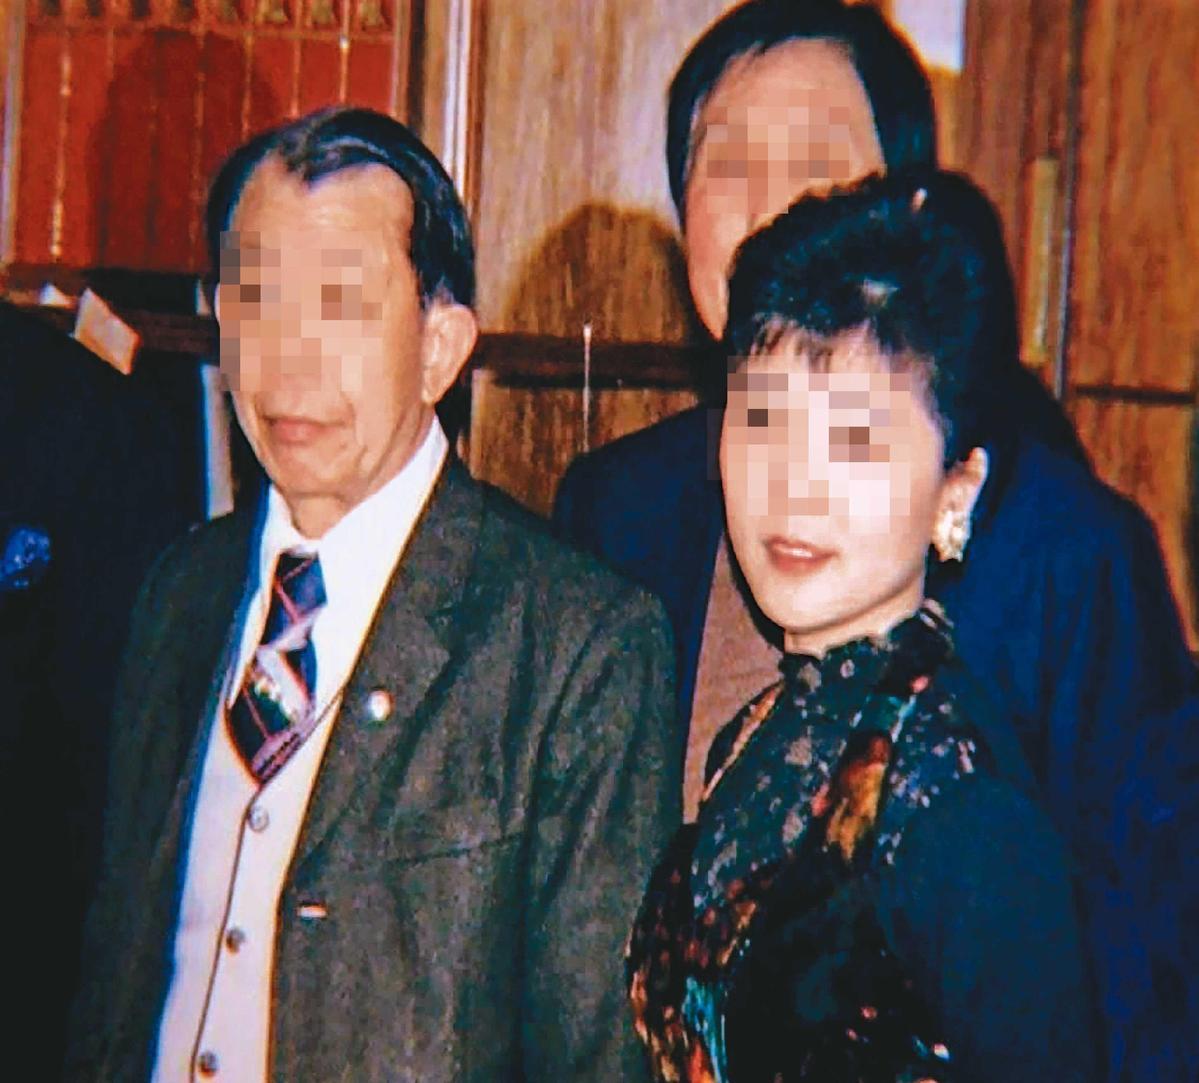 張靜華(右)與家人感情很好,突然音訊全無,家人十分擔心。(東森新聞提供)